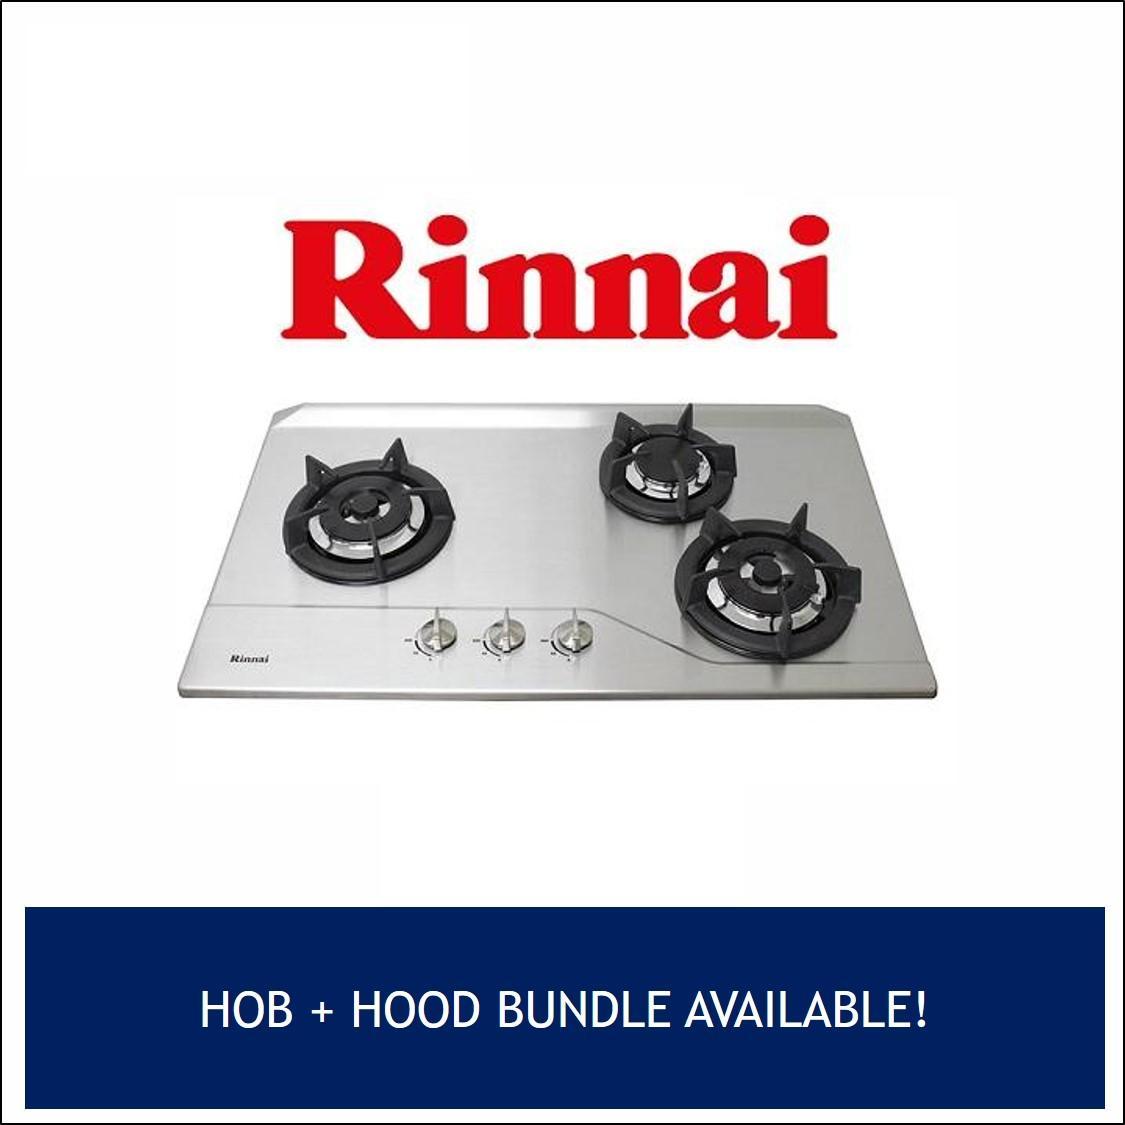 RINNAI RB-3SS 3 BURNER STAINLESS STEEL BUILT-IN HOB